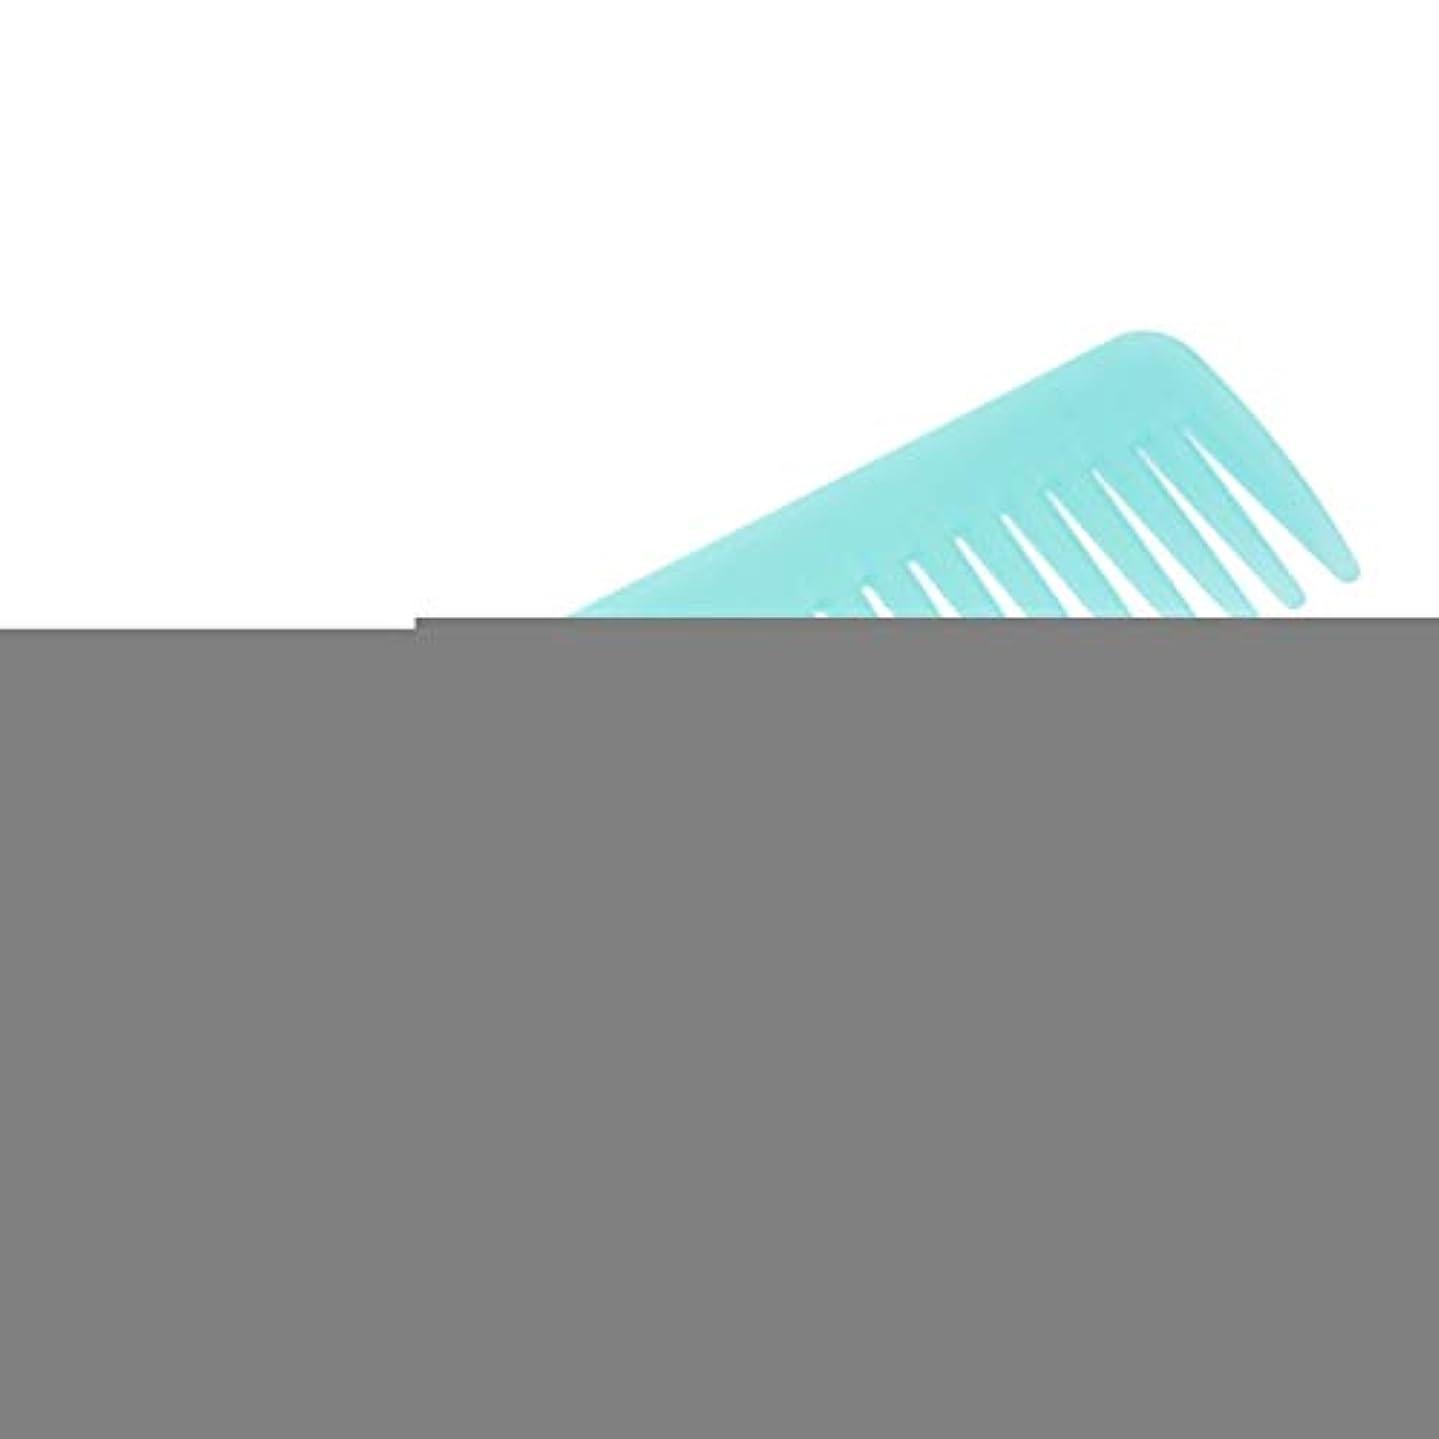 起訴するカジュアル約設定プロの髪のくしゃくしゃヘアーコンディションの櫛幅のあるヘアブラシ - A